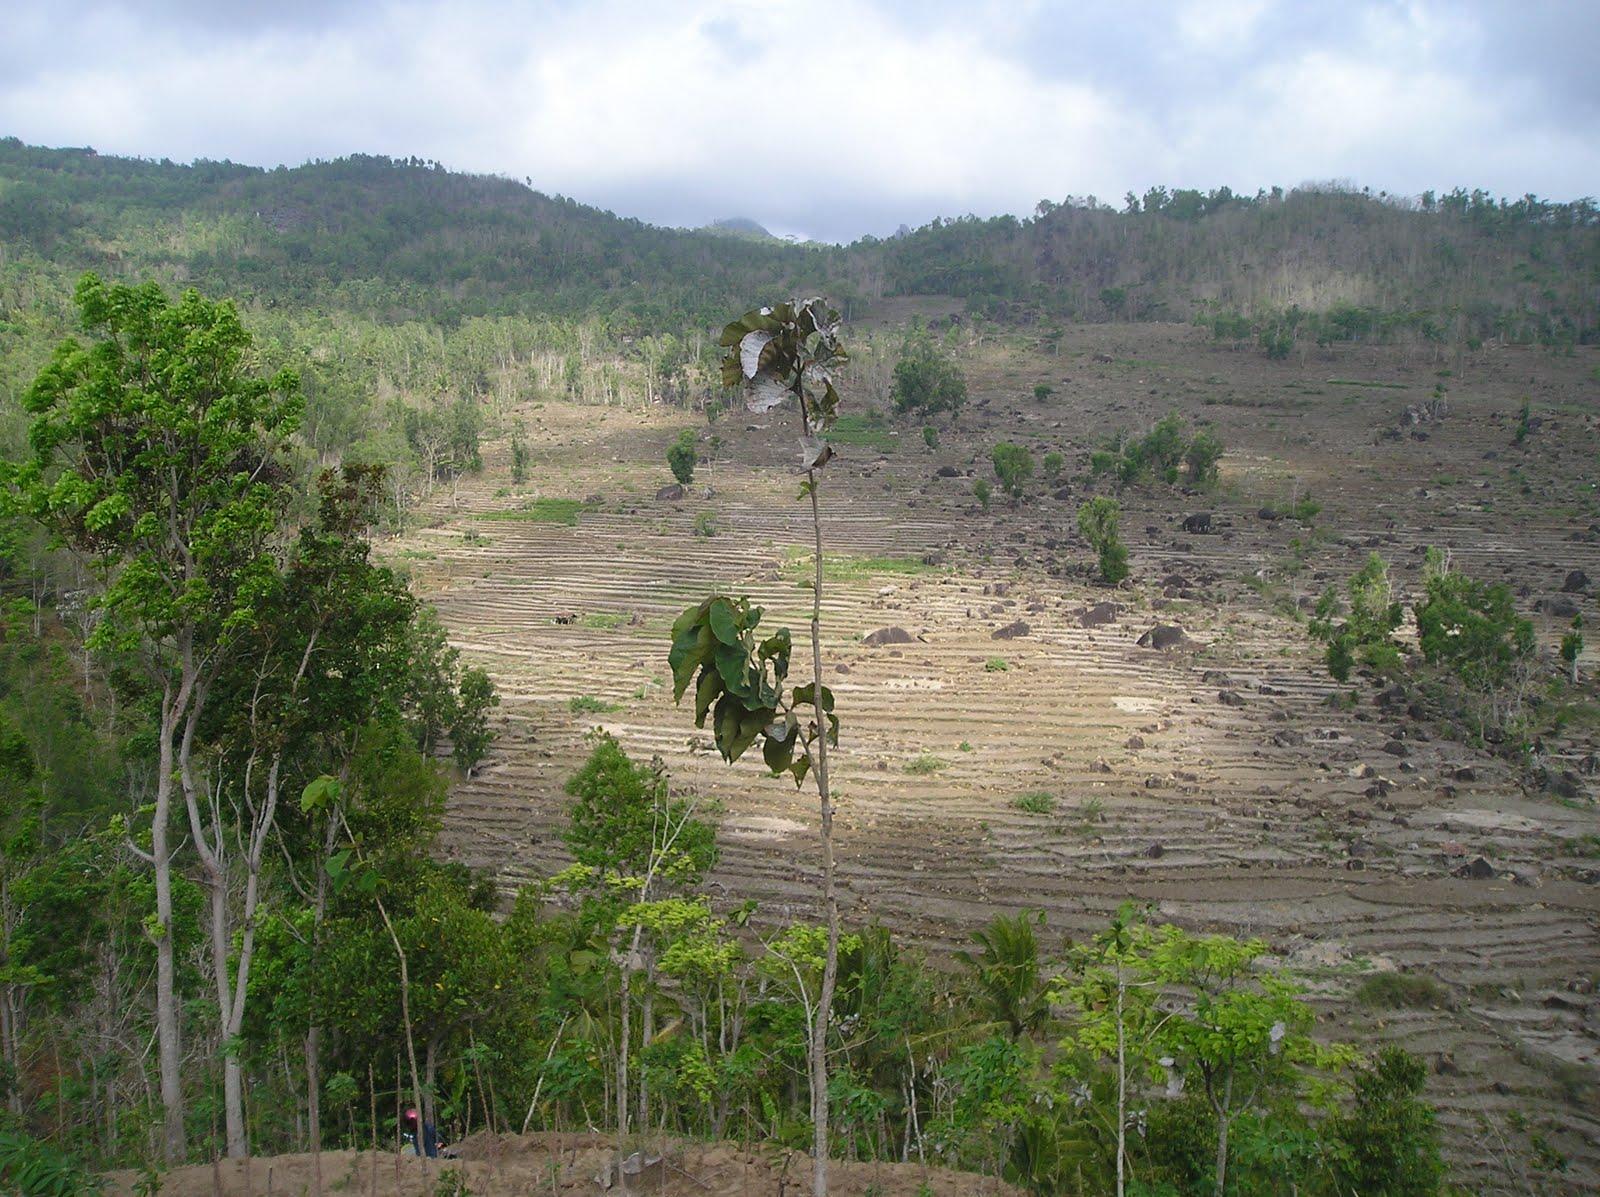 DESA KERTAHAYU: Hutan Gegerbentang habis jadi ladang